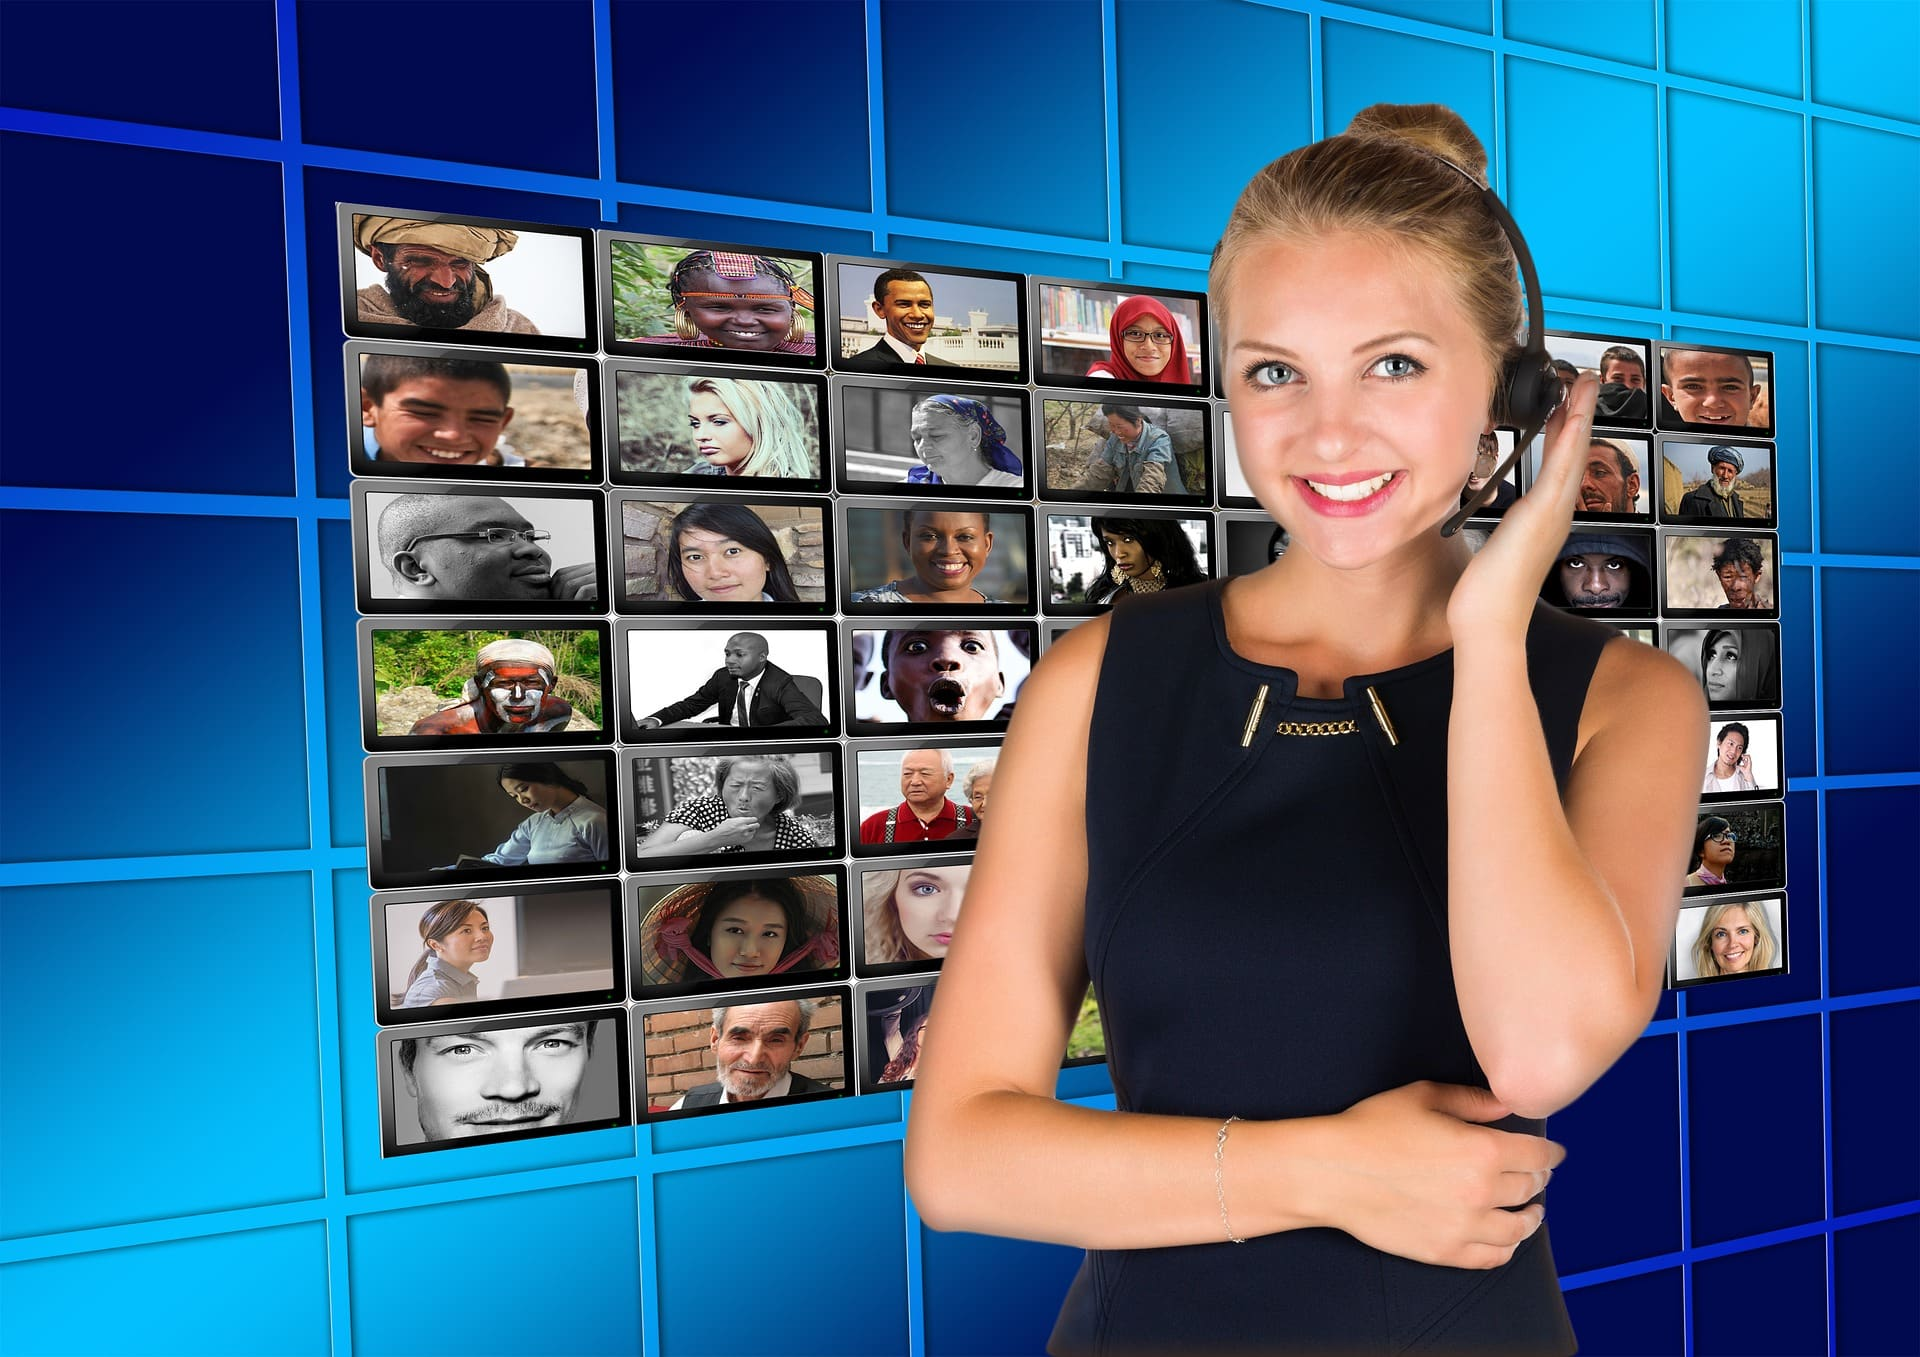 foto mostra uma mulher com o fone de call center